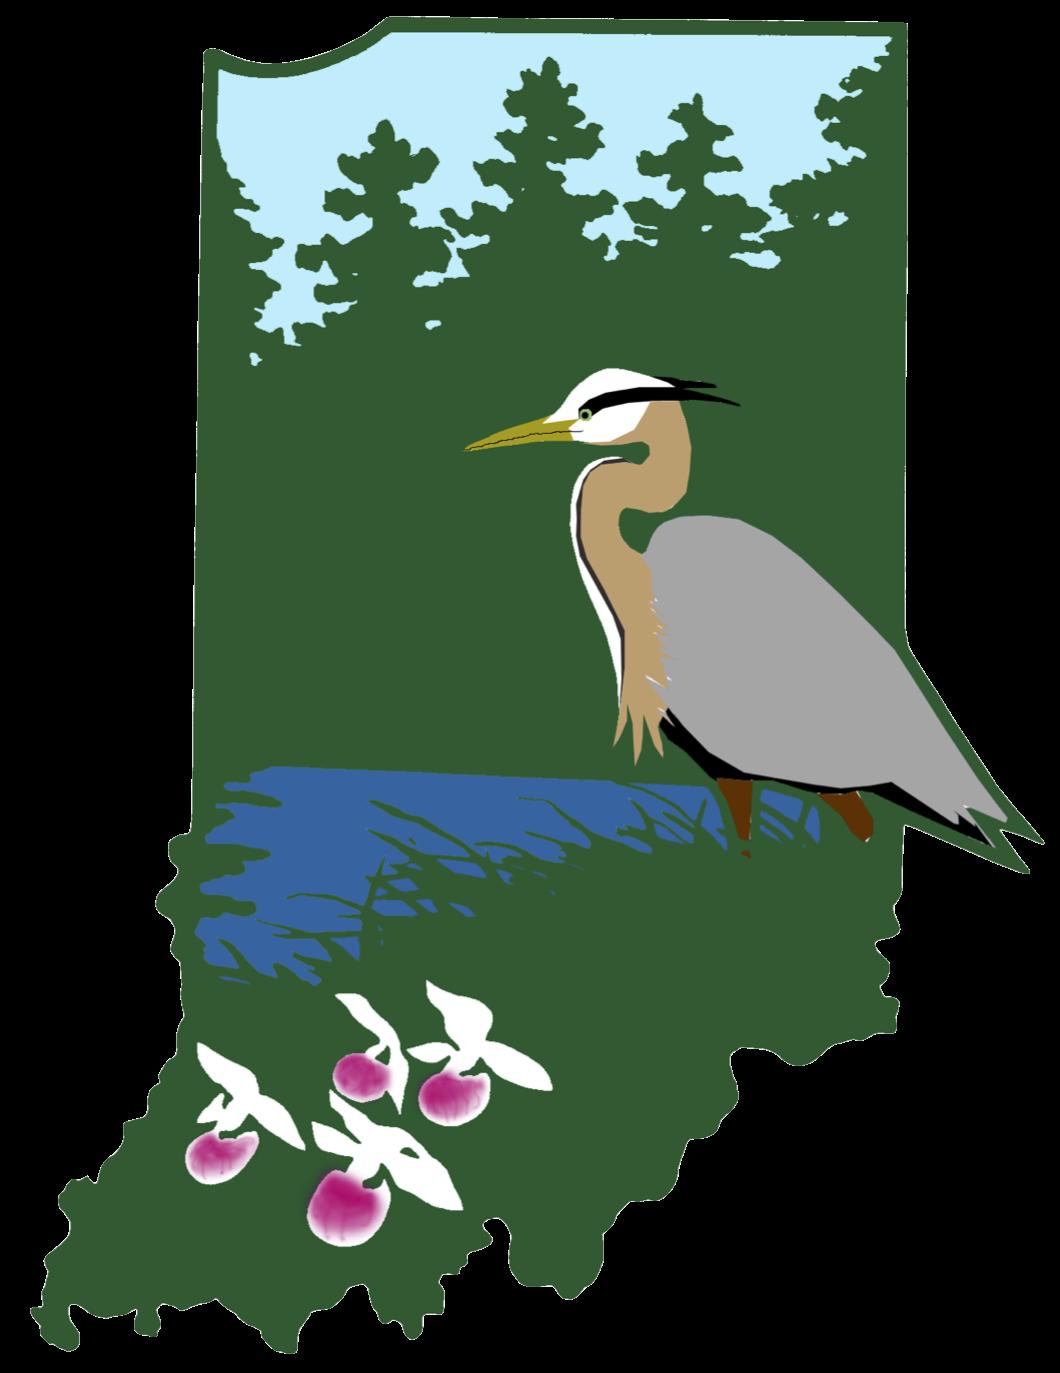 Lake clipart heron. Ropchan memorial acres land